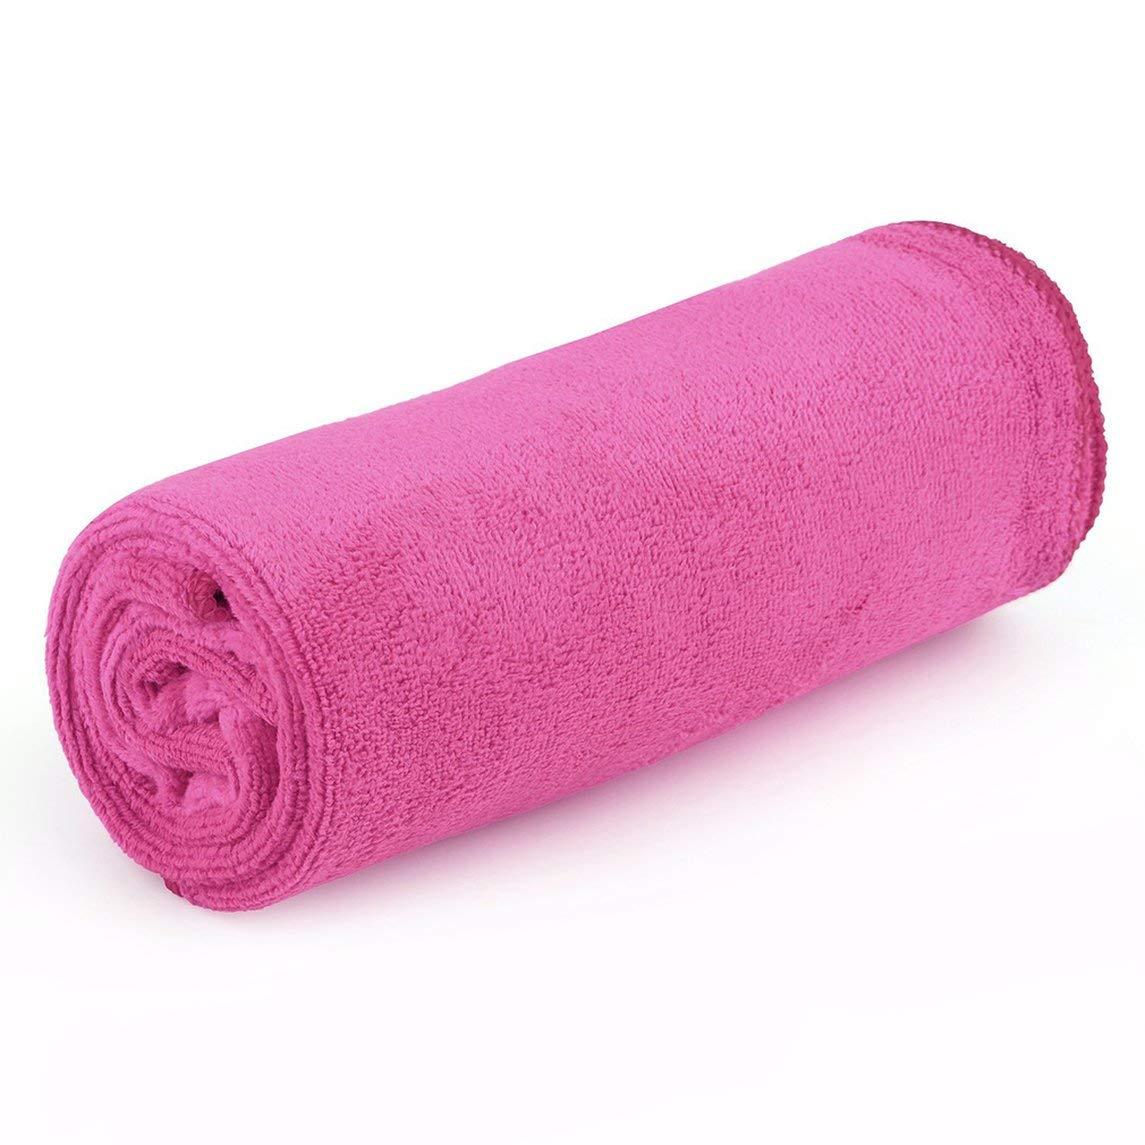 Footprintse OUTAD Microfibra Antibacterial Ultraligero Compacto Toalla de secado rá pido Camping Senderismo Mano Toalla de cara Kits de viaje al aire libre-color: rosa rojo